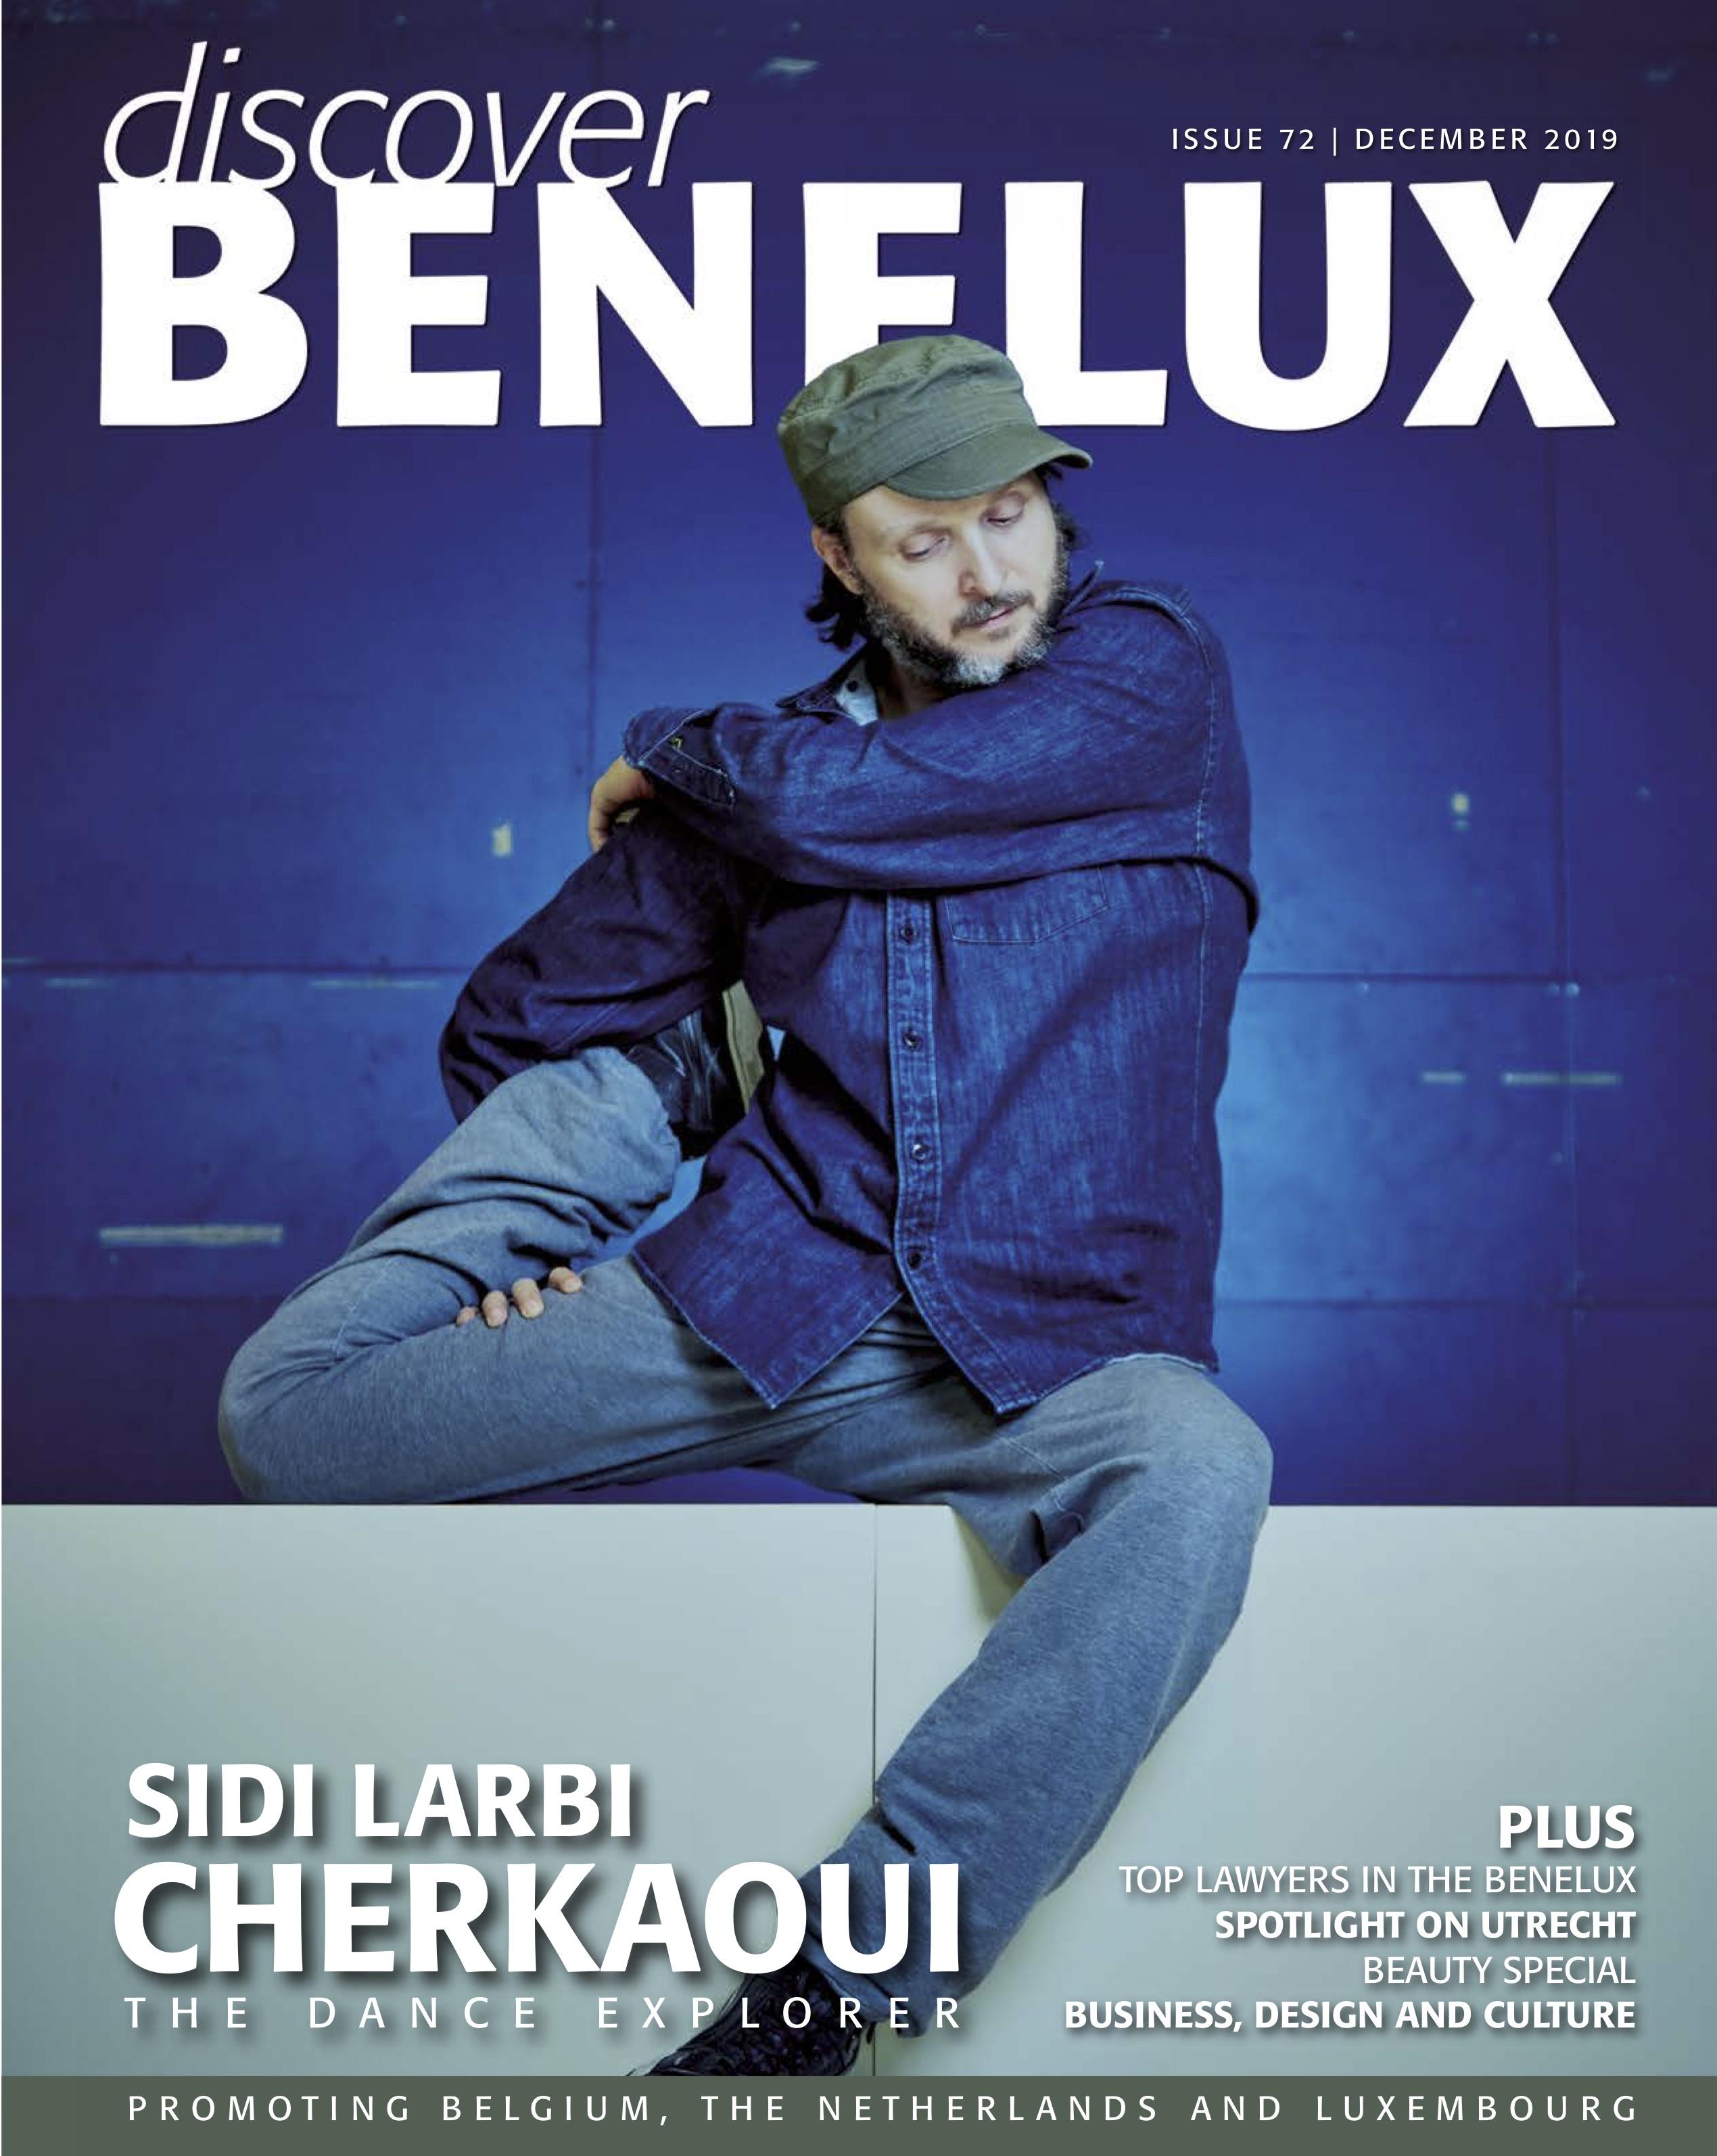 DiscoverBenelux_72_December_2019_VOORBLA